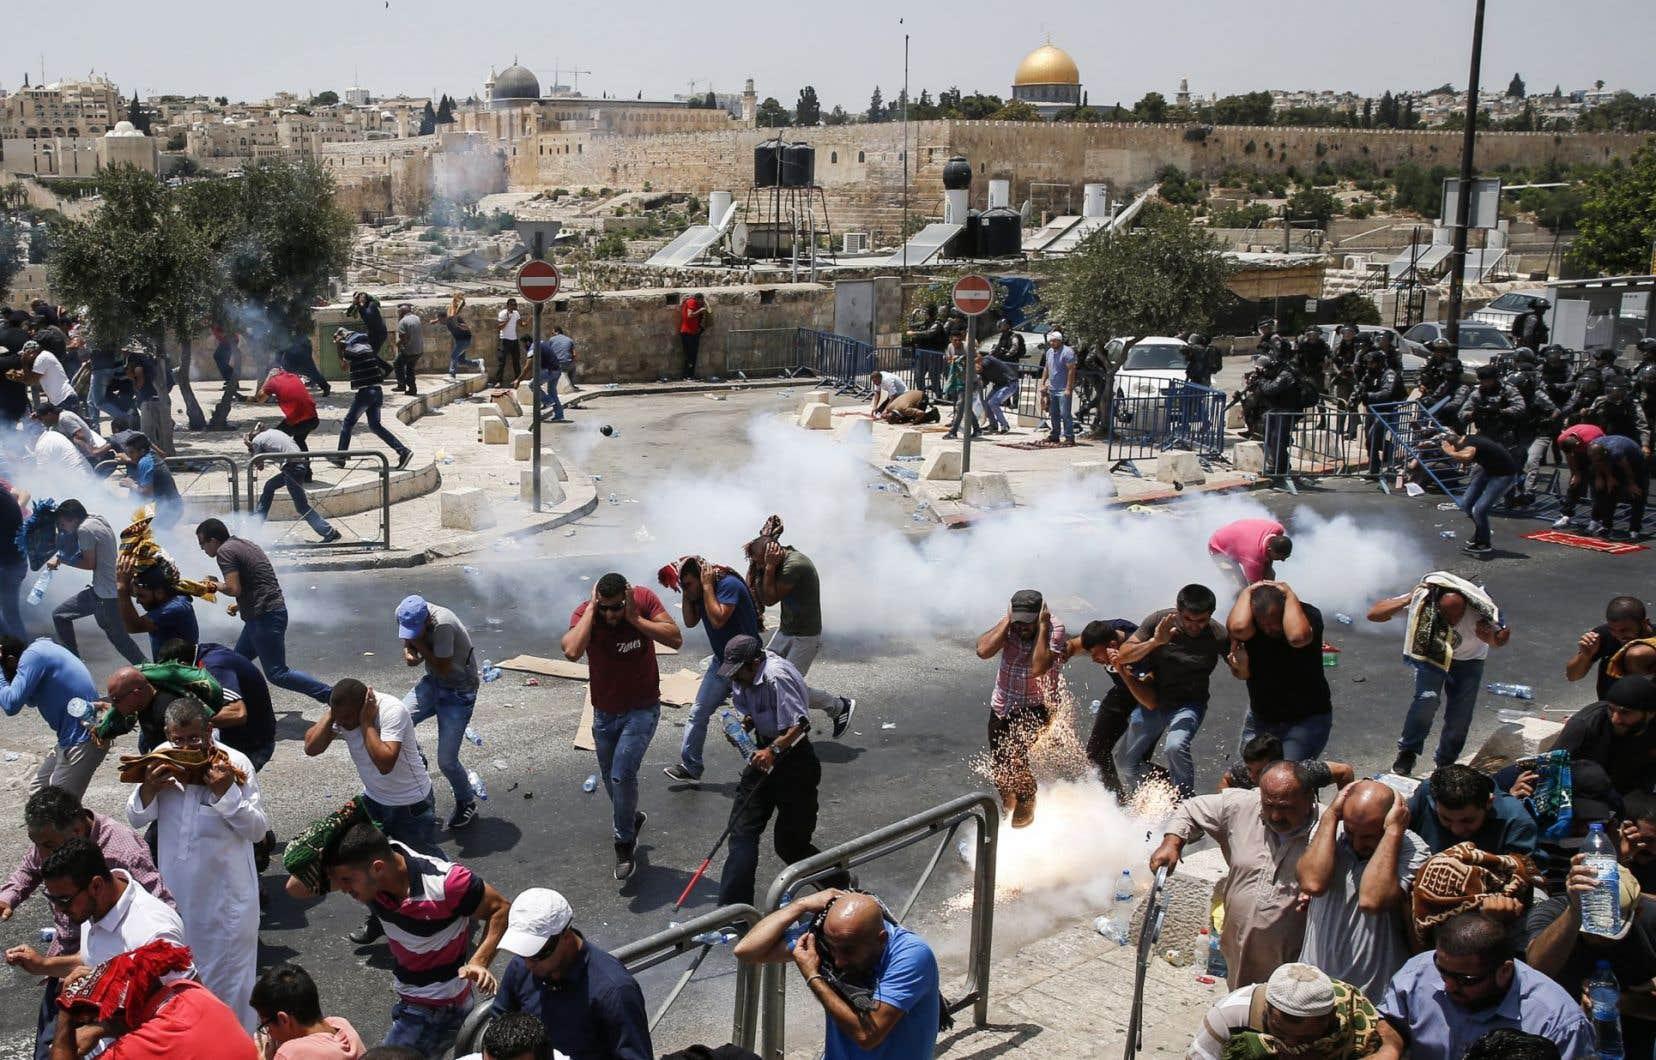 L'Union européenne a appelé à une enquête complète sur la mort de trois Palestiniens au cours de violents affrontements avec les forces de sécurité israéliennes.